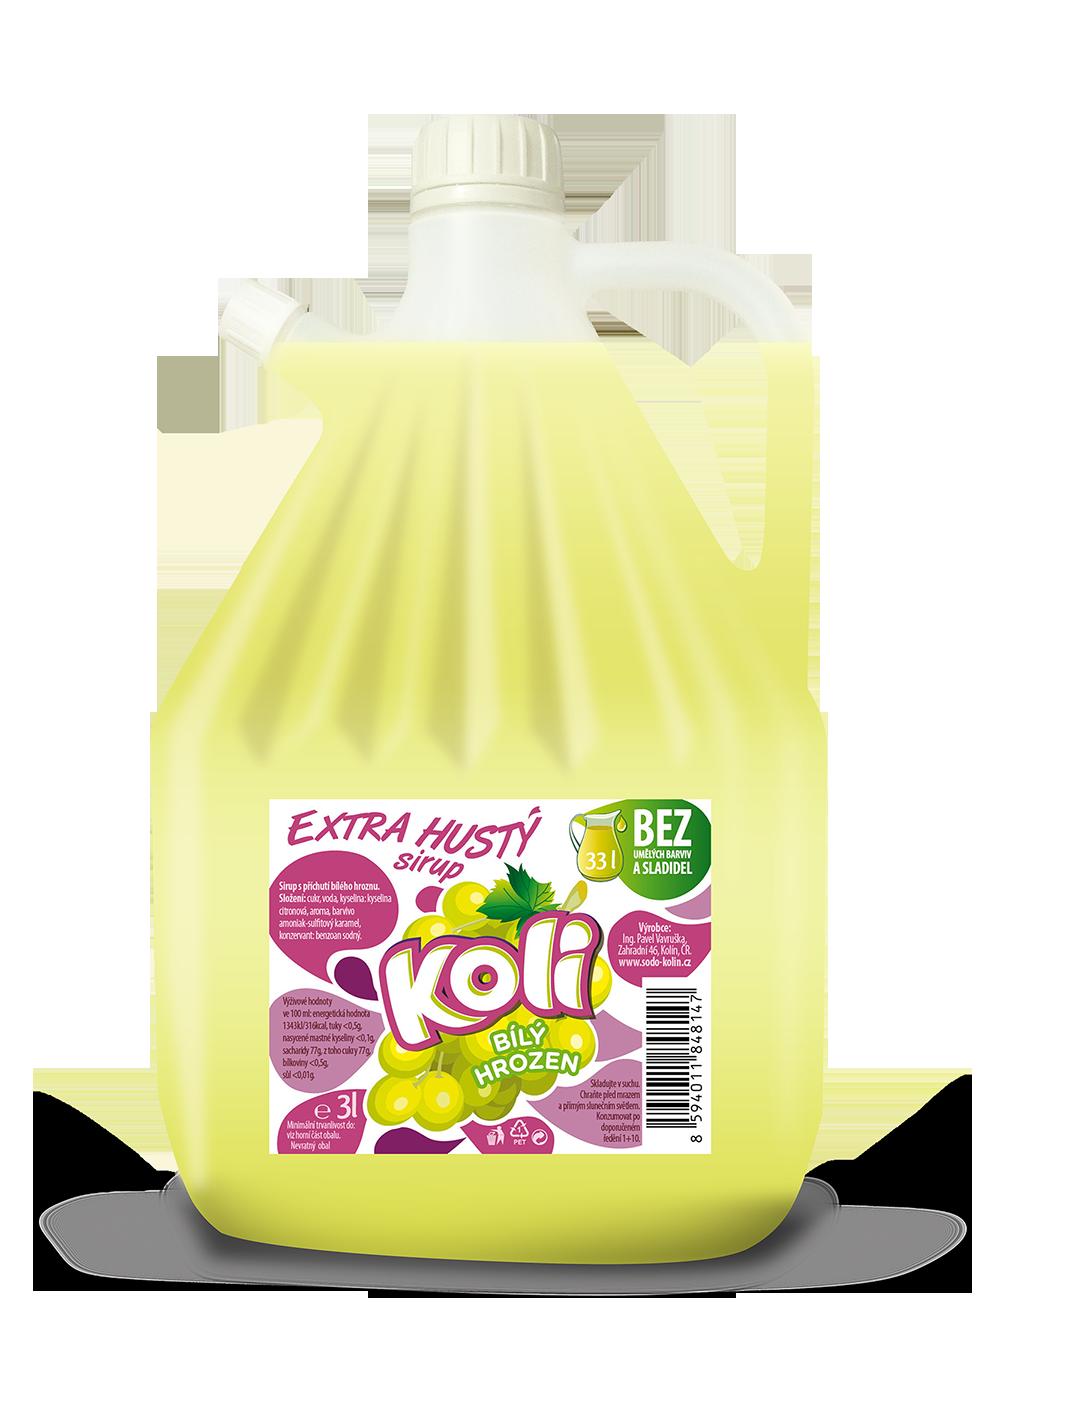 Koli syrop EXTRA gęsty 3lt białe winogrona - orzeźwiająca lemoniada o smaku białych winogron. Sodovkárna Kolín